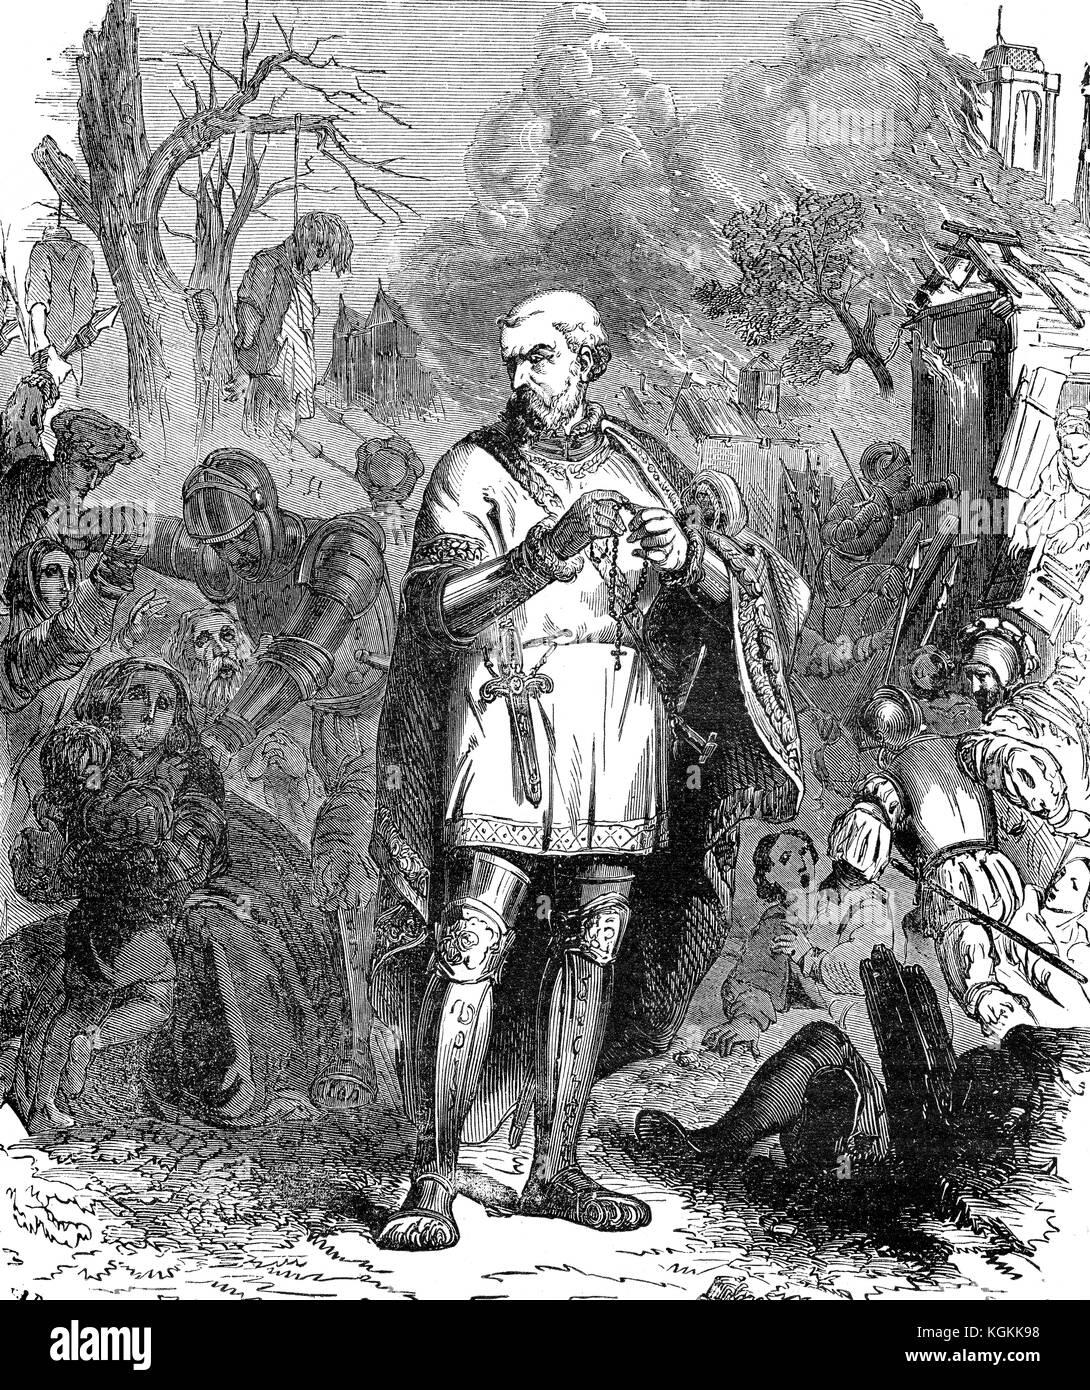 The Massacre of St. Bartholomew's Eve or the Parisian Blood Wedding, 1572 Stock Photo